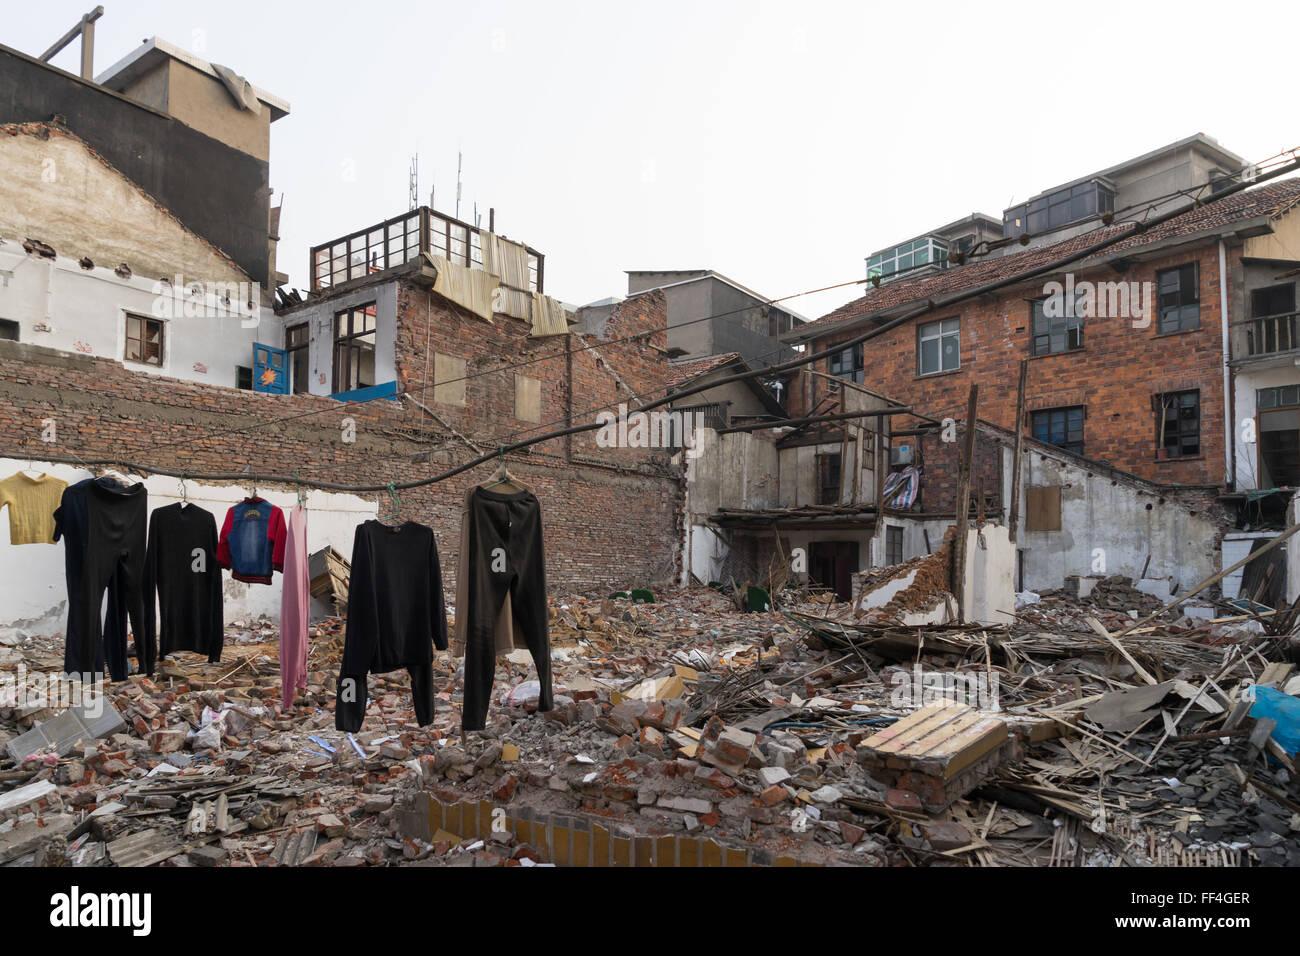 Demolished buildings in Xiangtan, Hunan, China - Stock Image